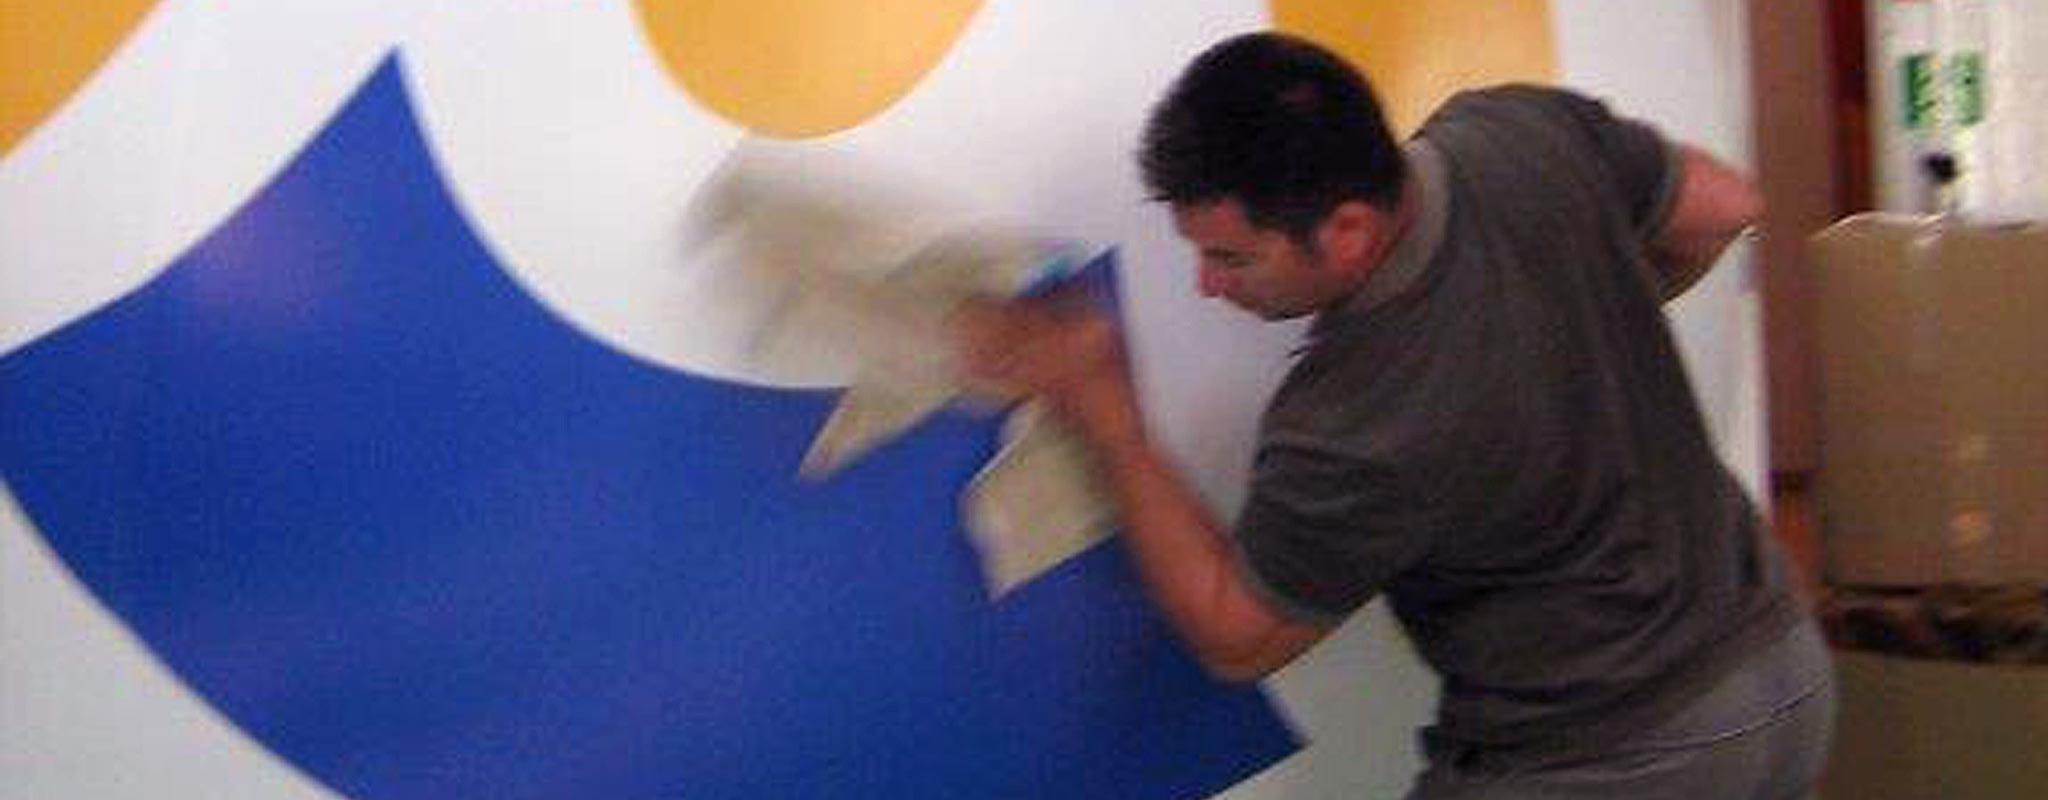 Nettoyage de structures gonflables et de ballons en PVC, toile Oxford ou toile parachute